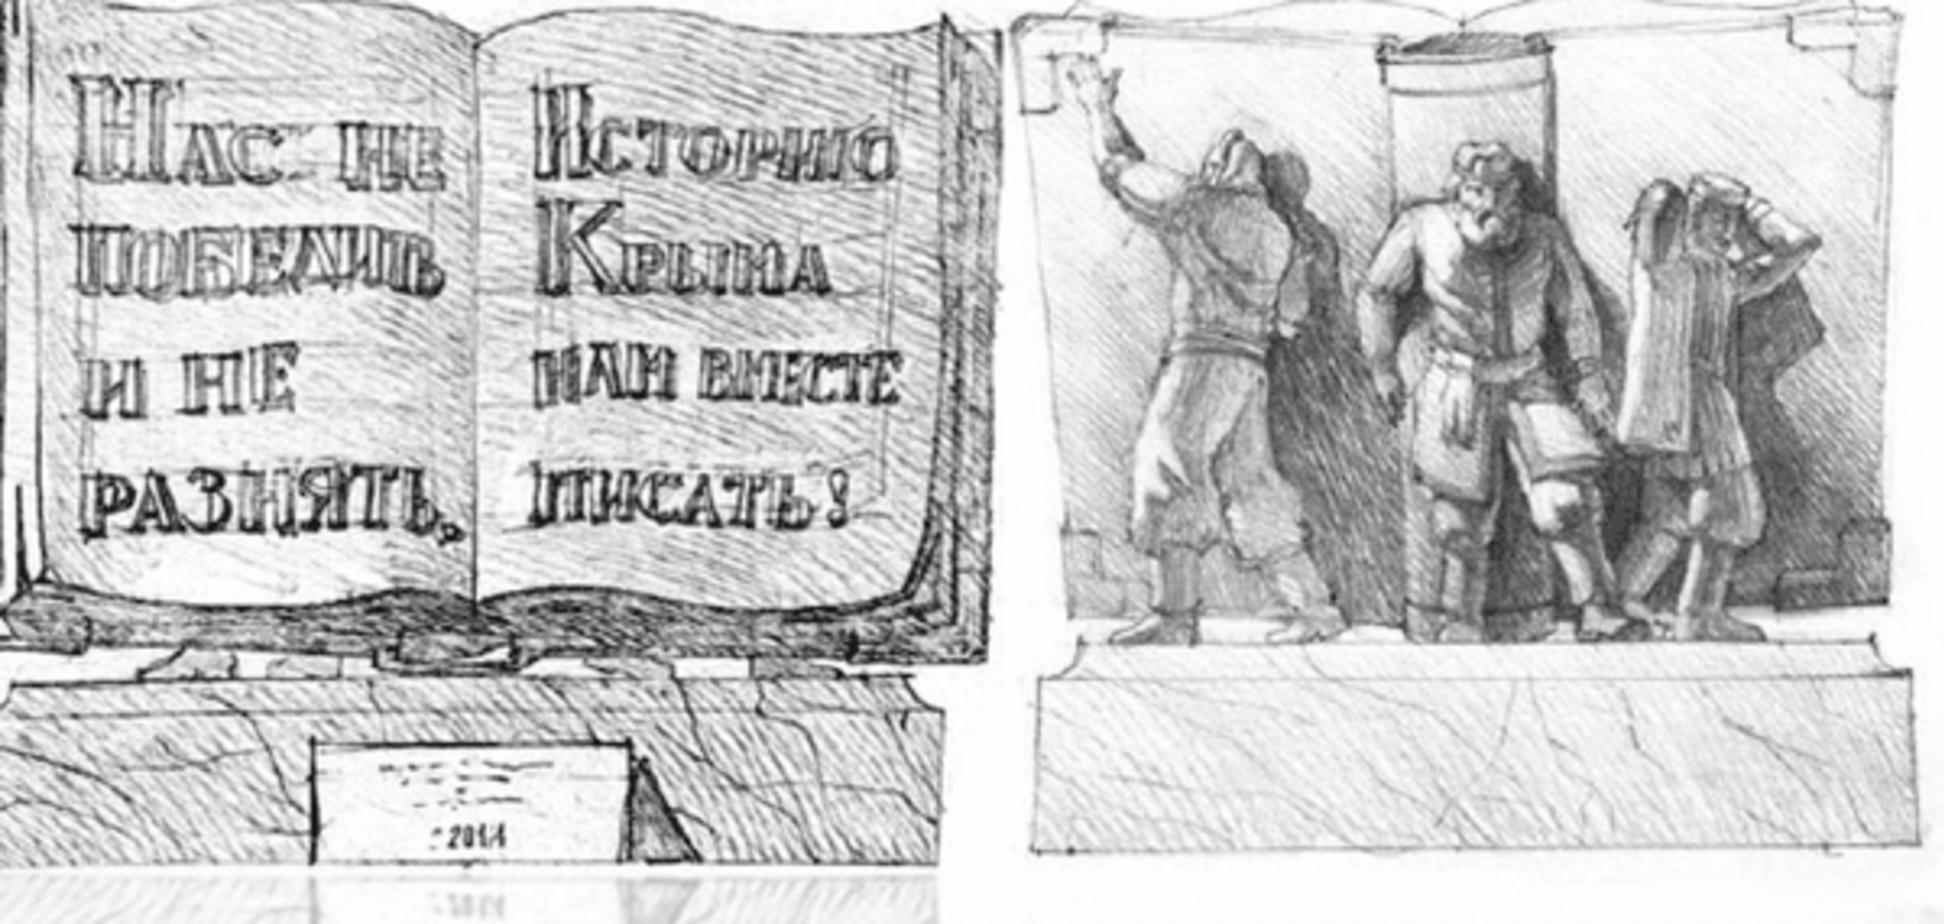 Пам'ятник окупації. У Криму вирішили 'увічнити' анексію: фото ескізу